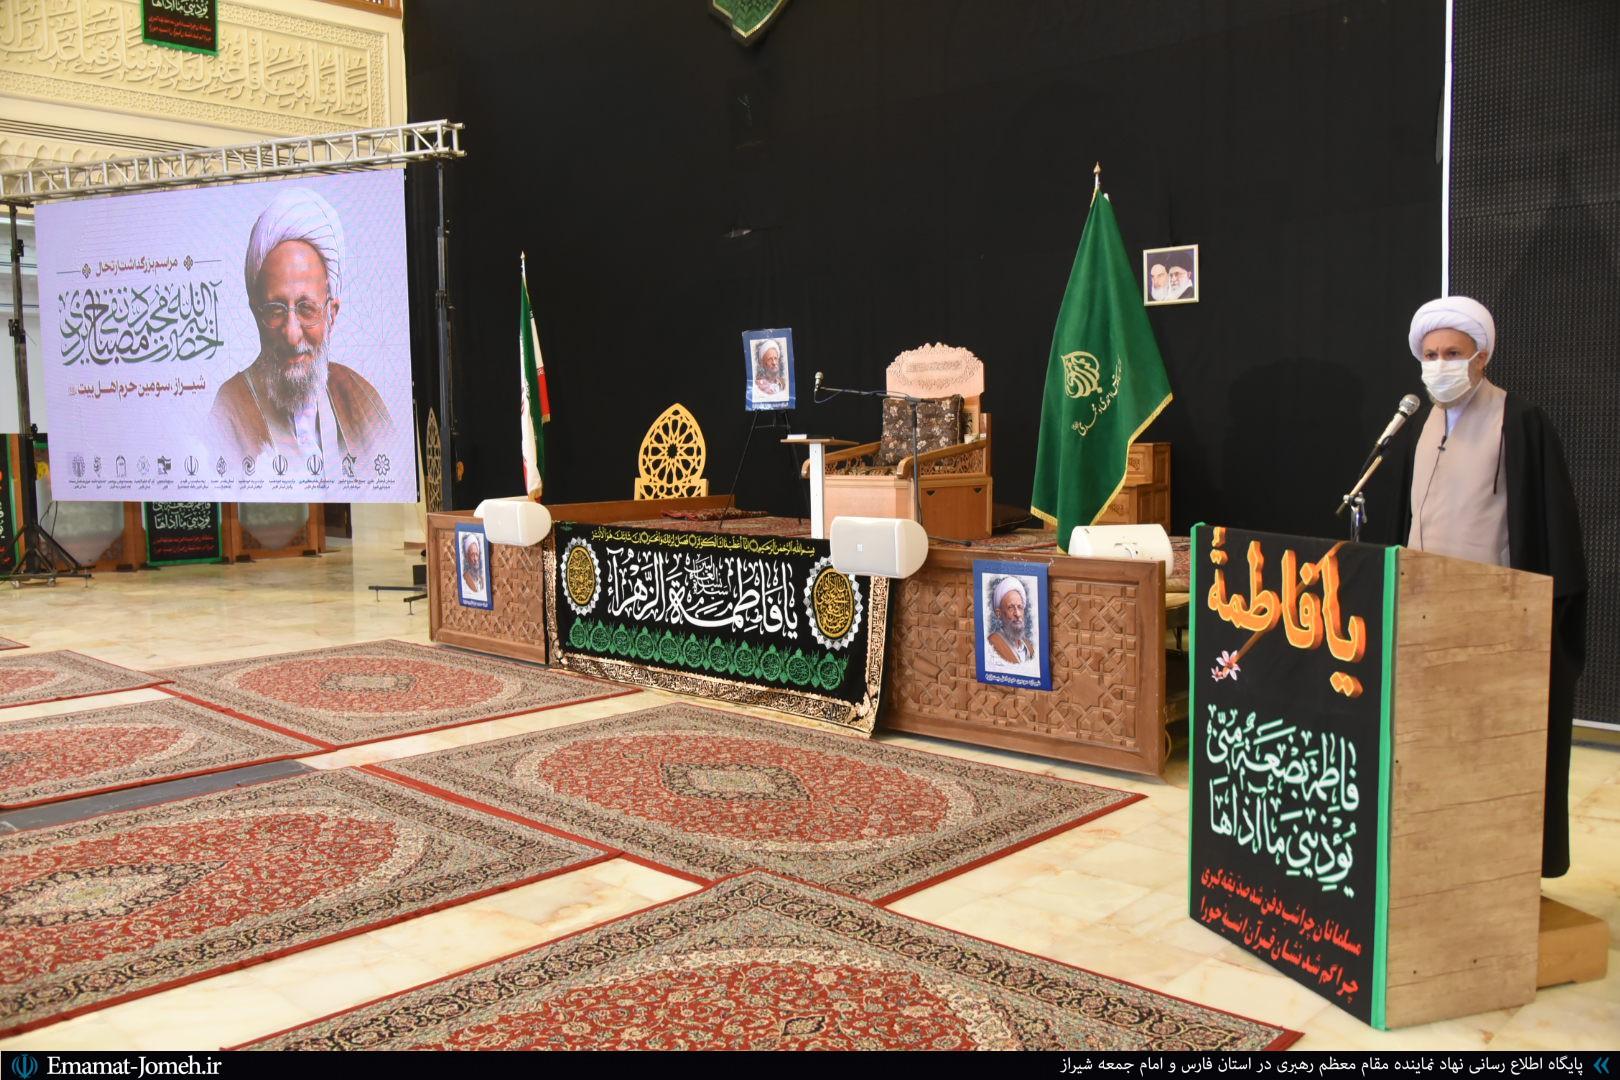 مراسم بزرگداشت ارتحال آیت الله مصباح یزدی در شیراز